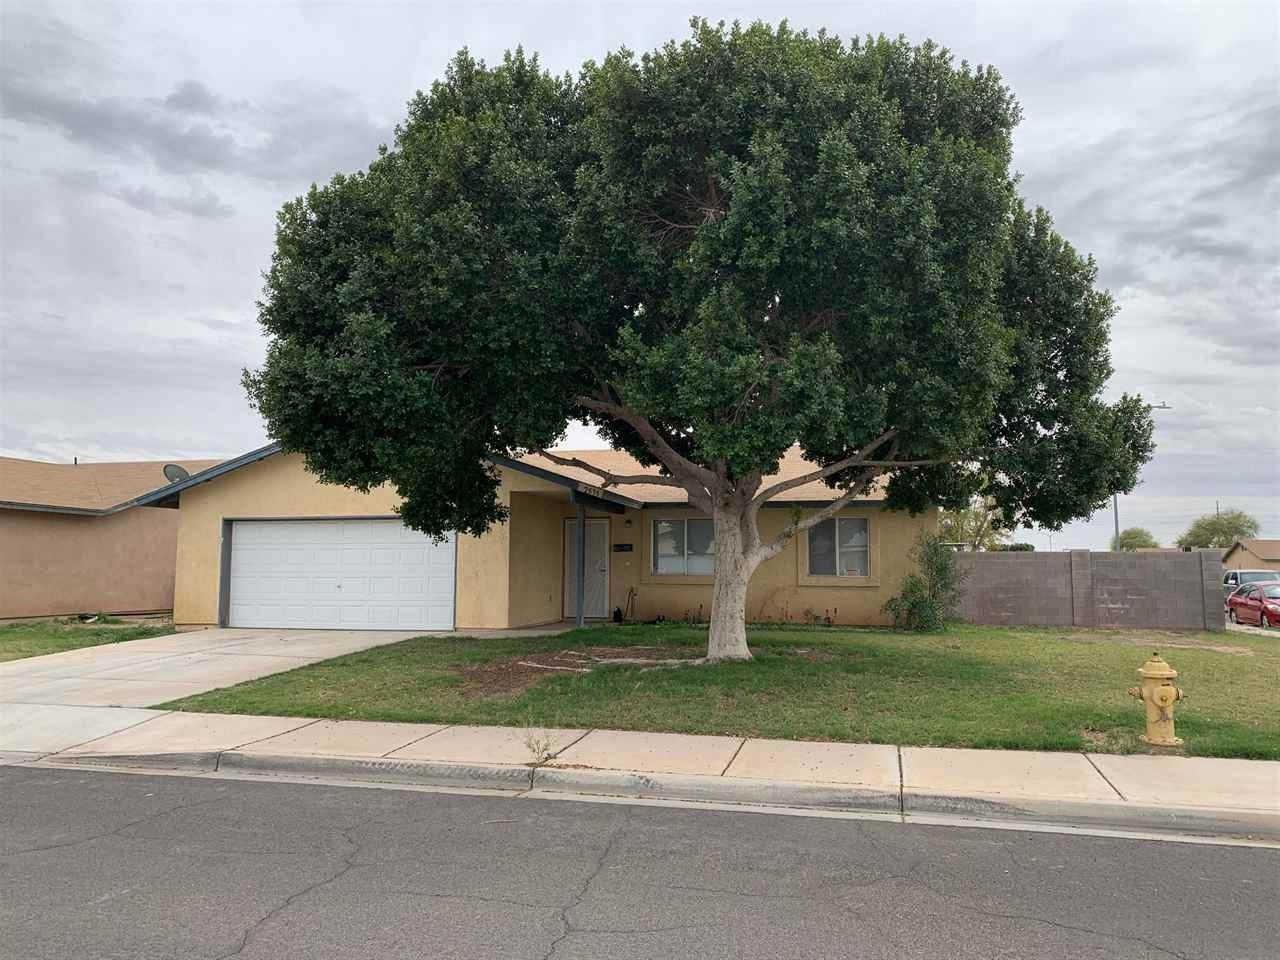 2835 W 30 Pl, Yuma, AZ 85364 now has a new price of $155,000!